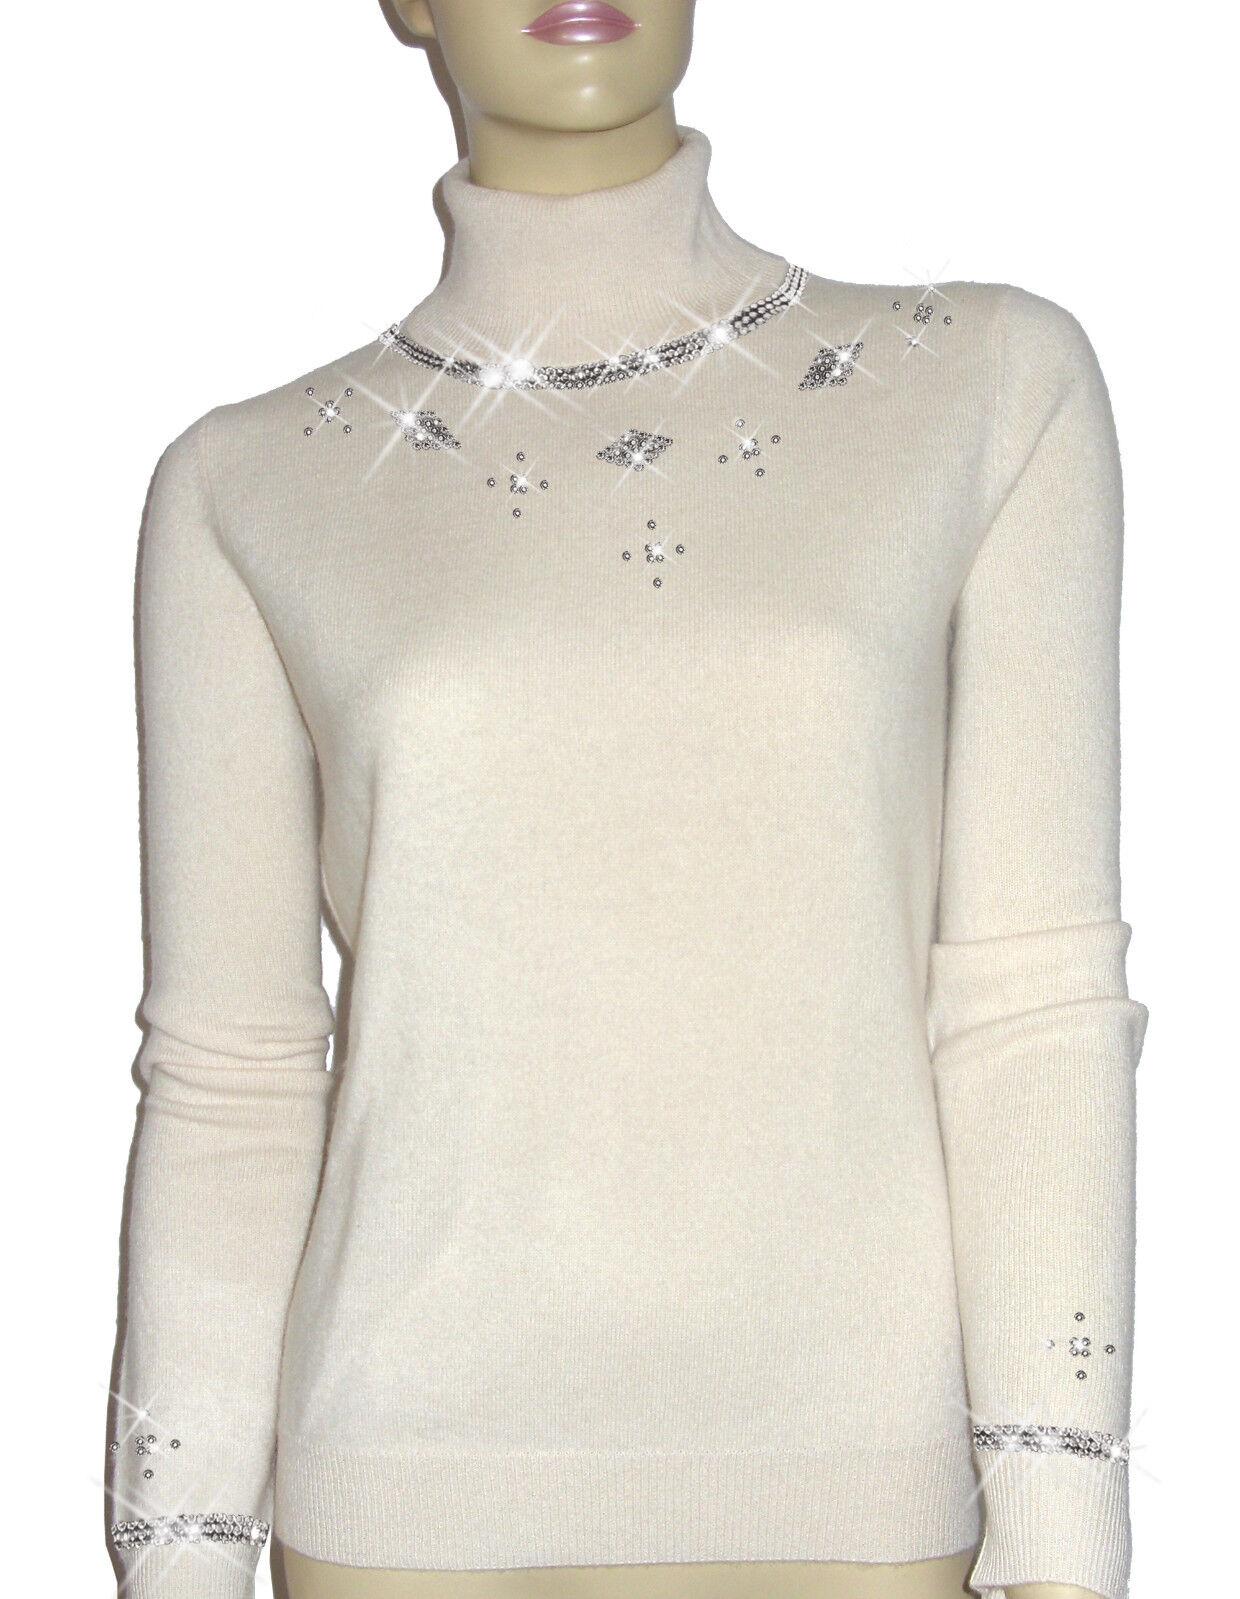 Luxe Oh ` Dor 100% Cashmere Pullover collo Alto Alto Alto Manhattan Luxe Bianco 42 44 M L aaca48